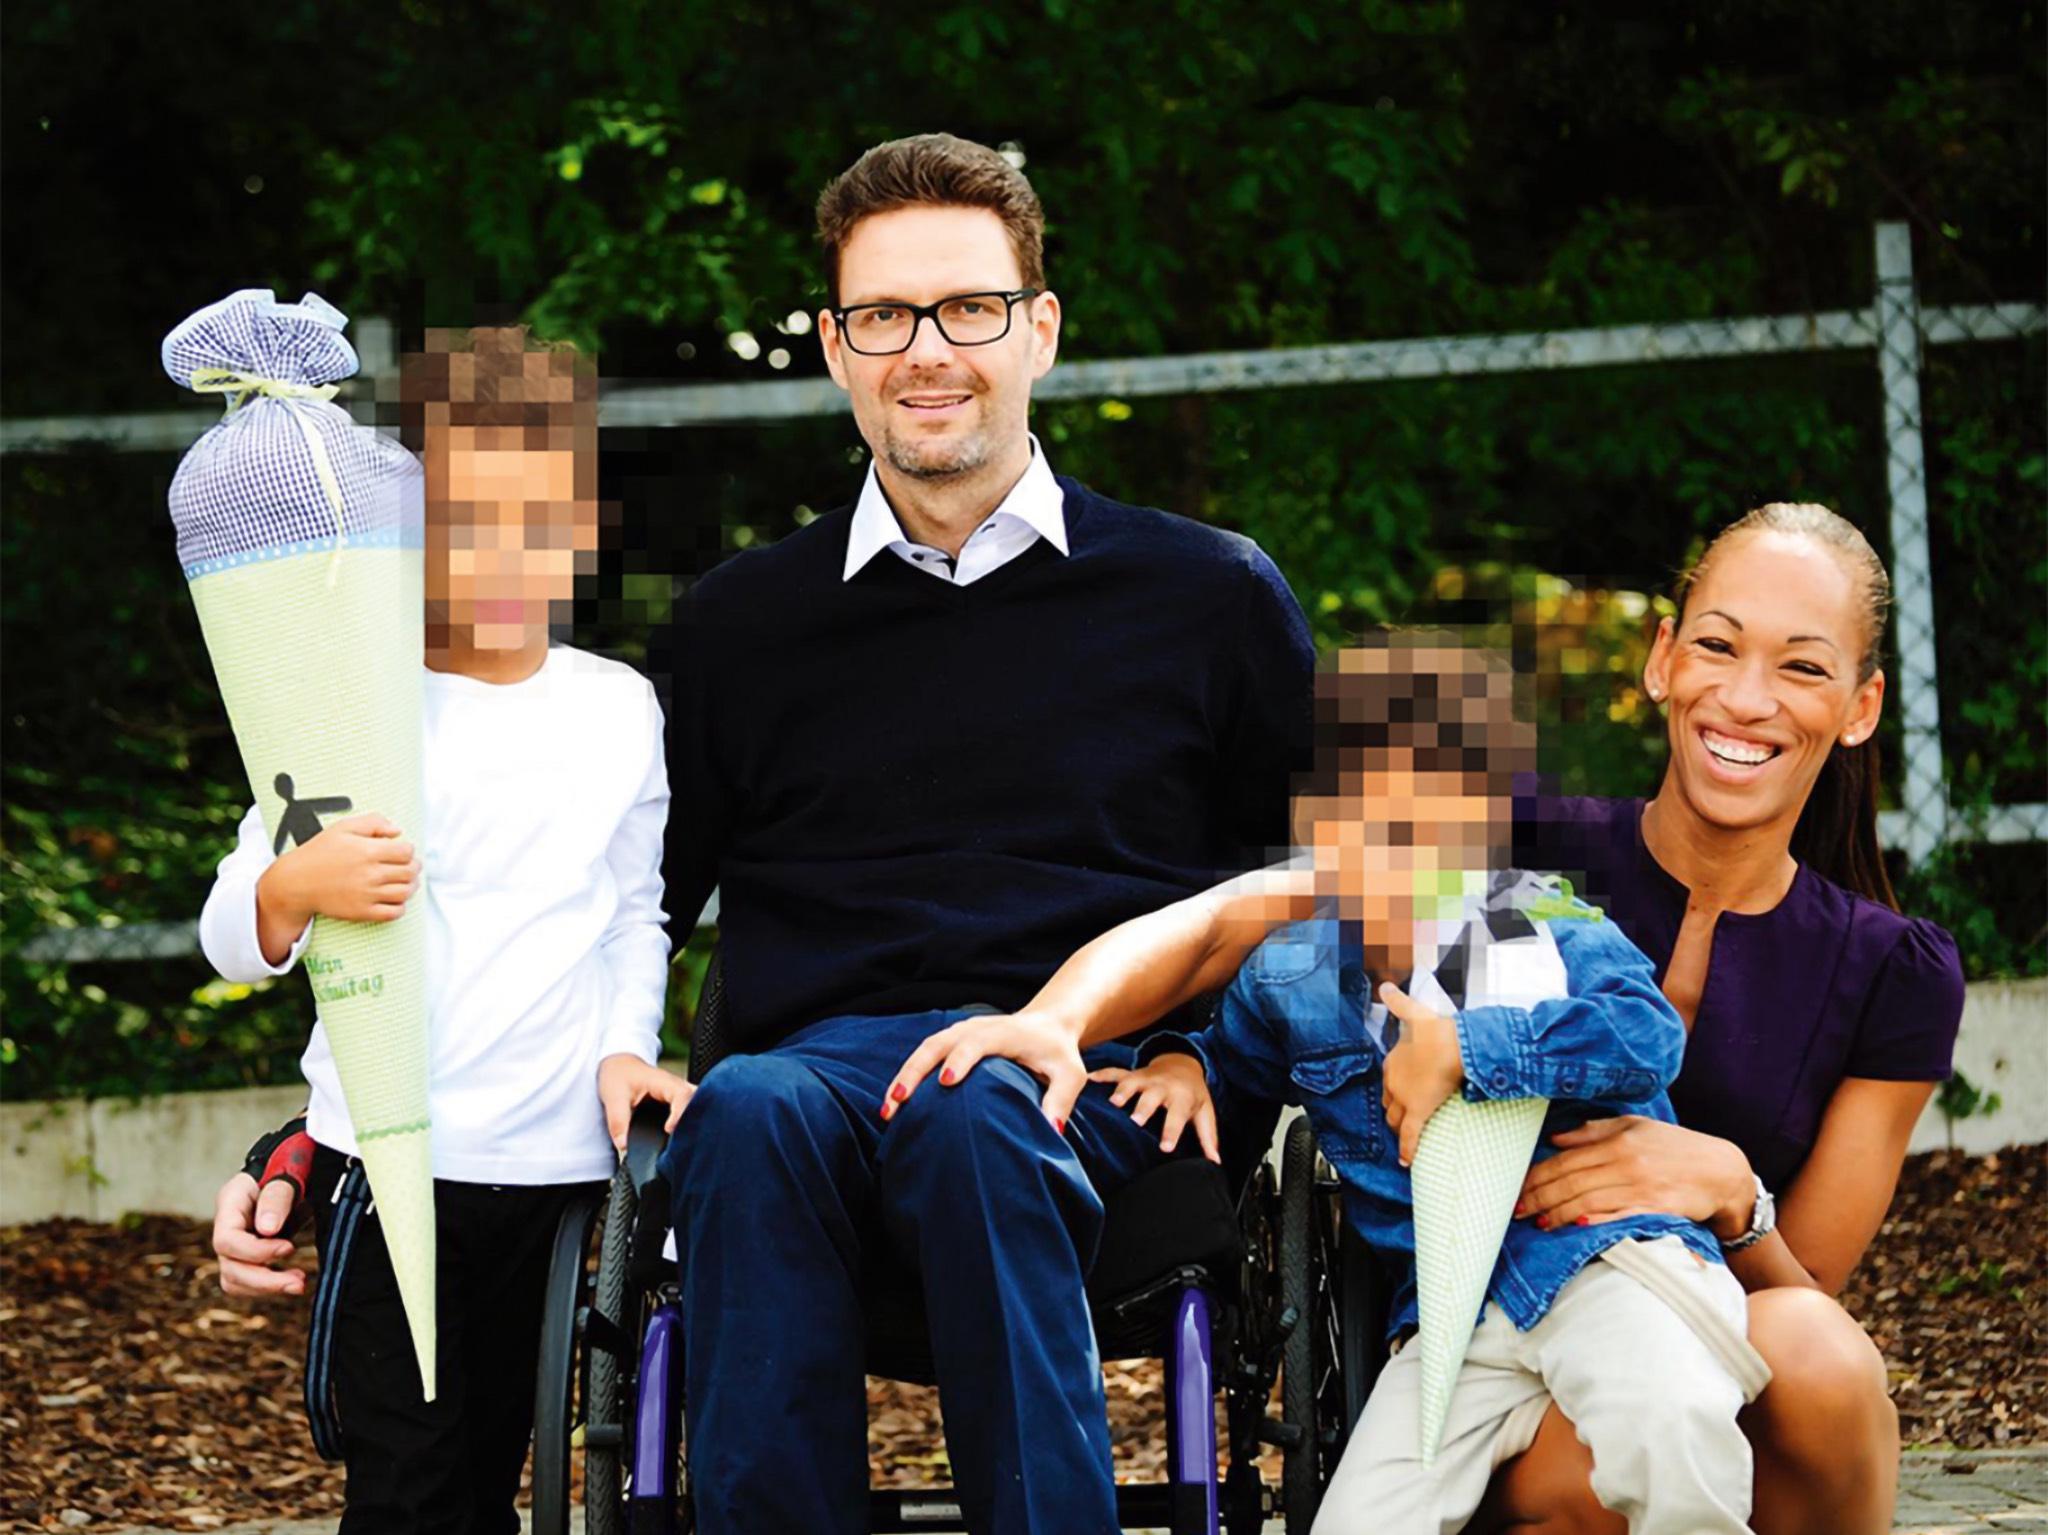 Astrid mit ihrem Mann und ihren beiden Söhnen. Foto: Astrid/privat